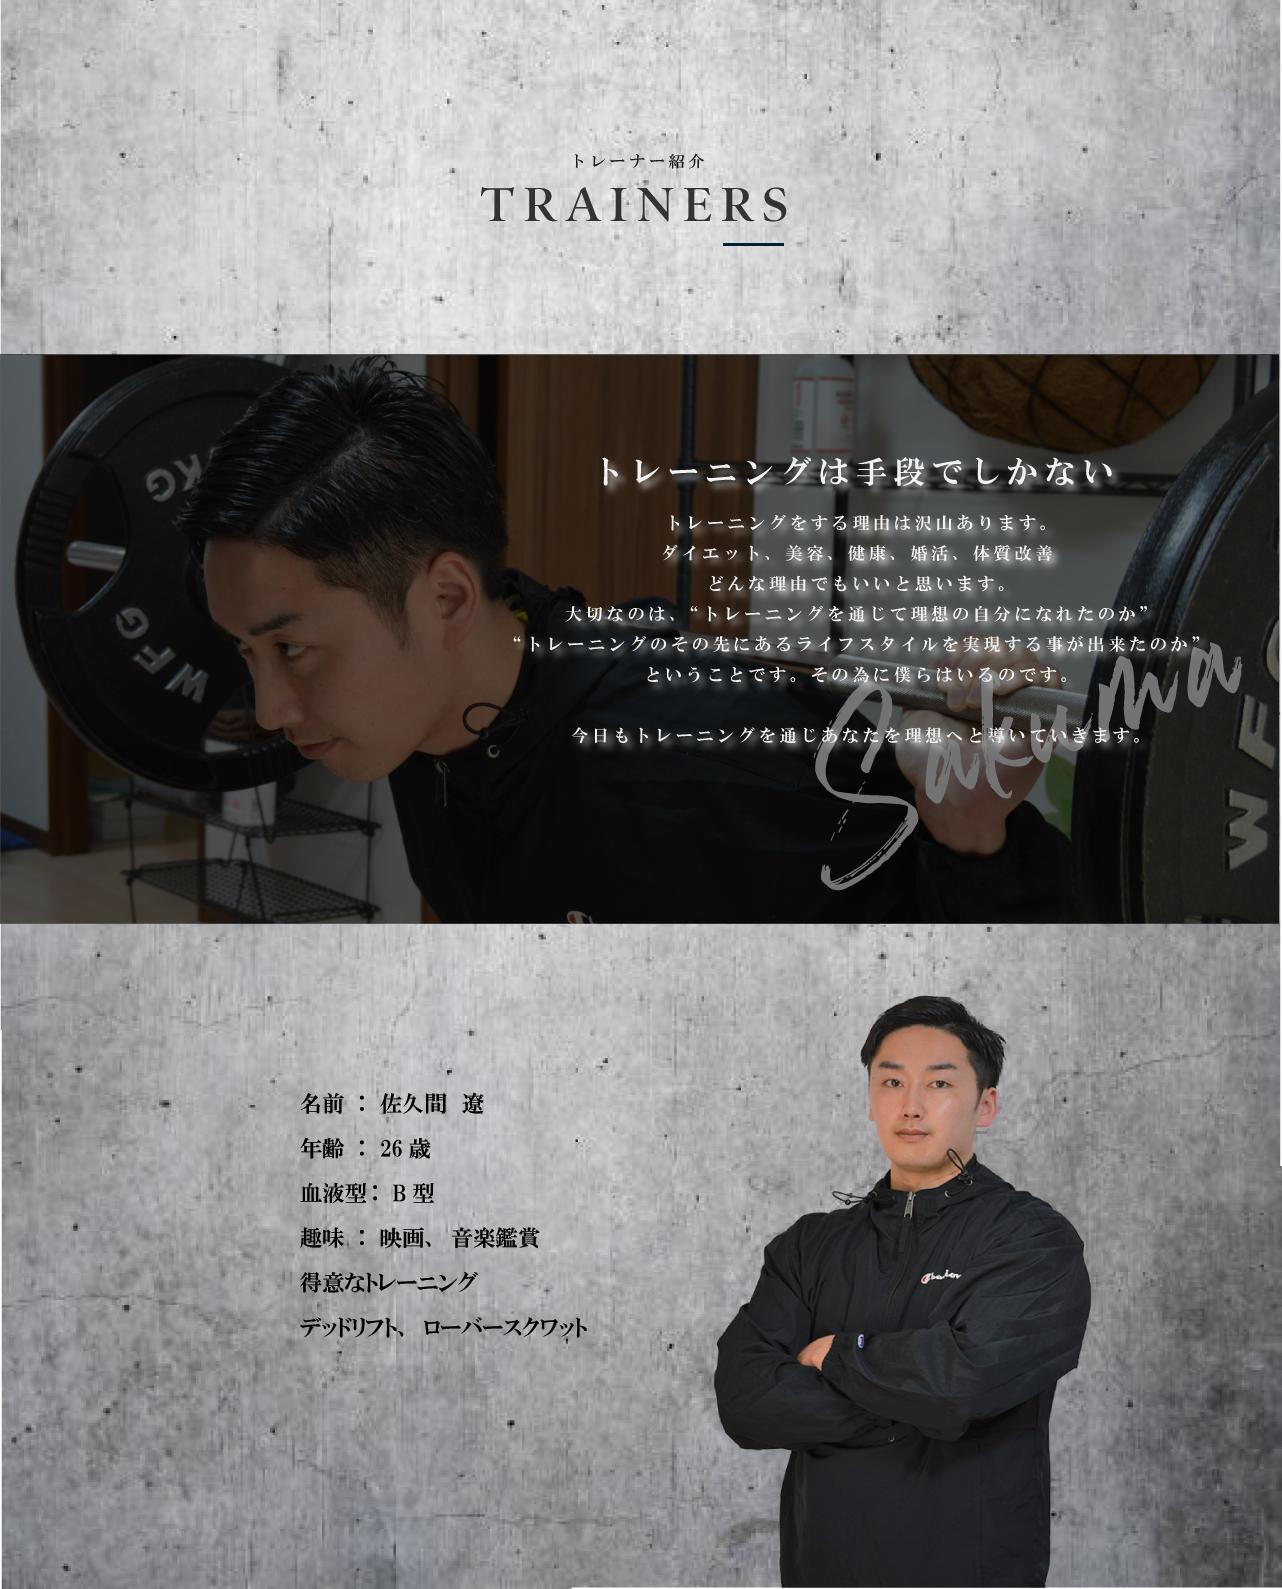 SBジム 武蔵小杉 トレーナー パーソナルトレーニング